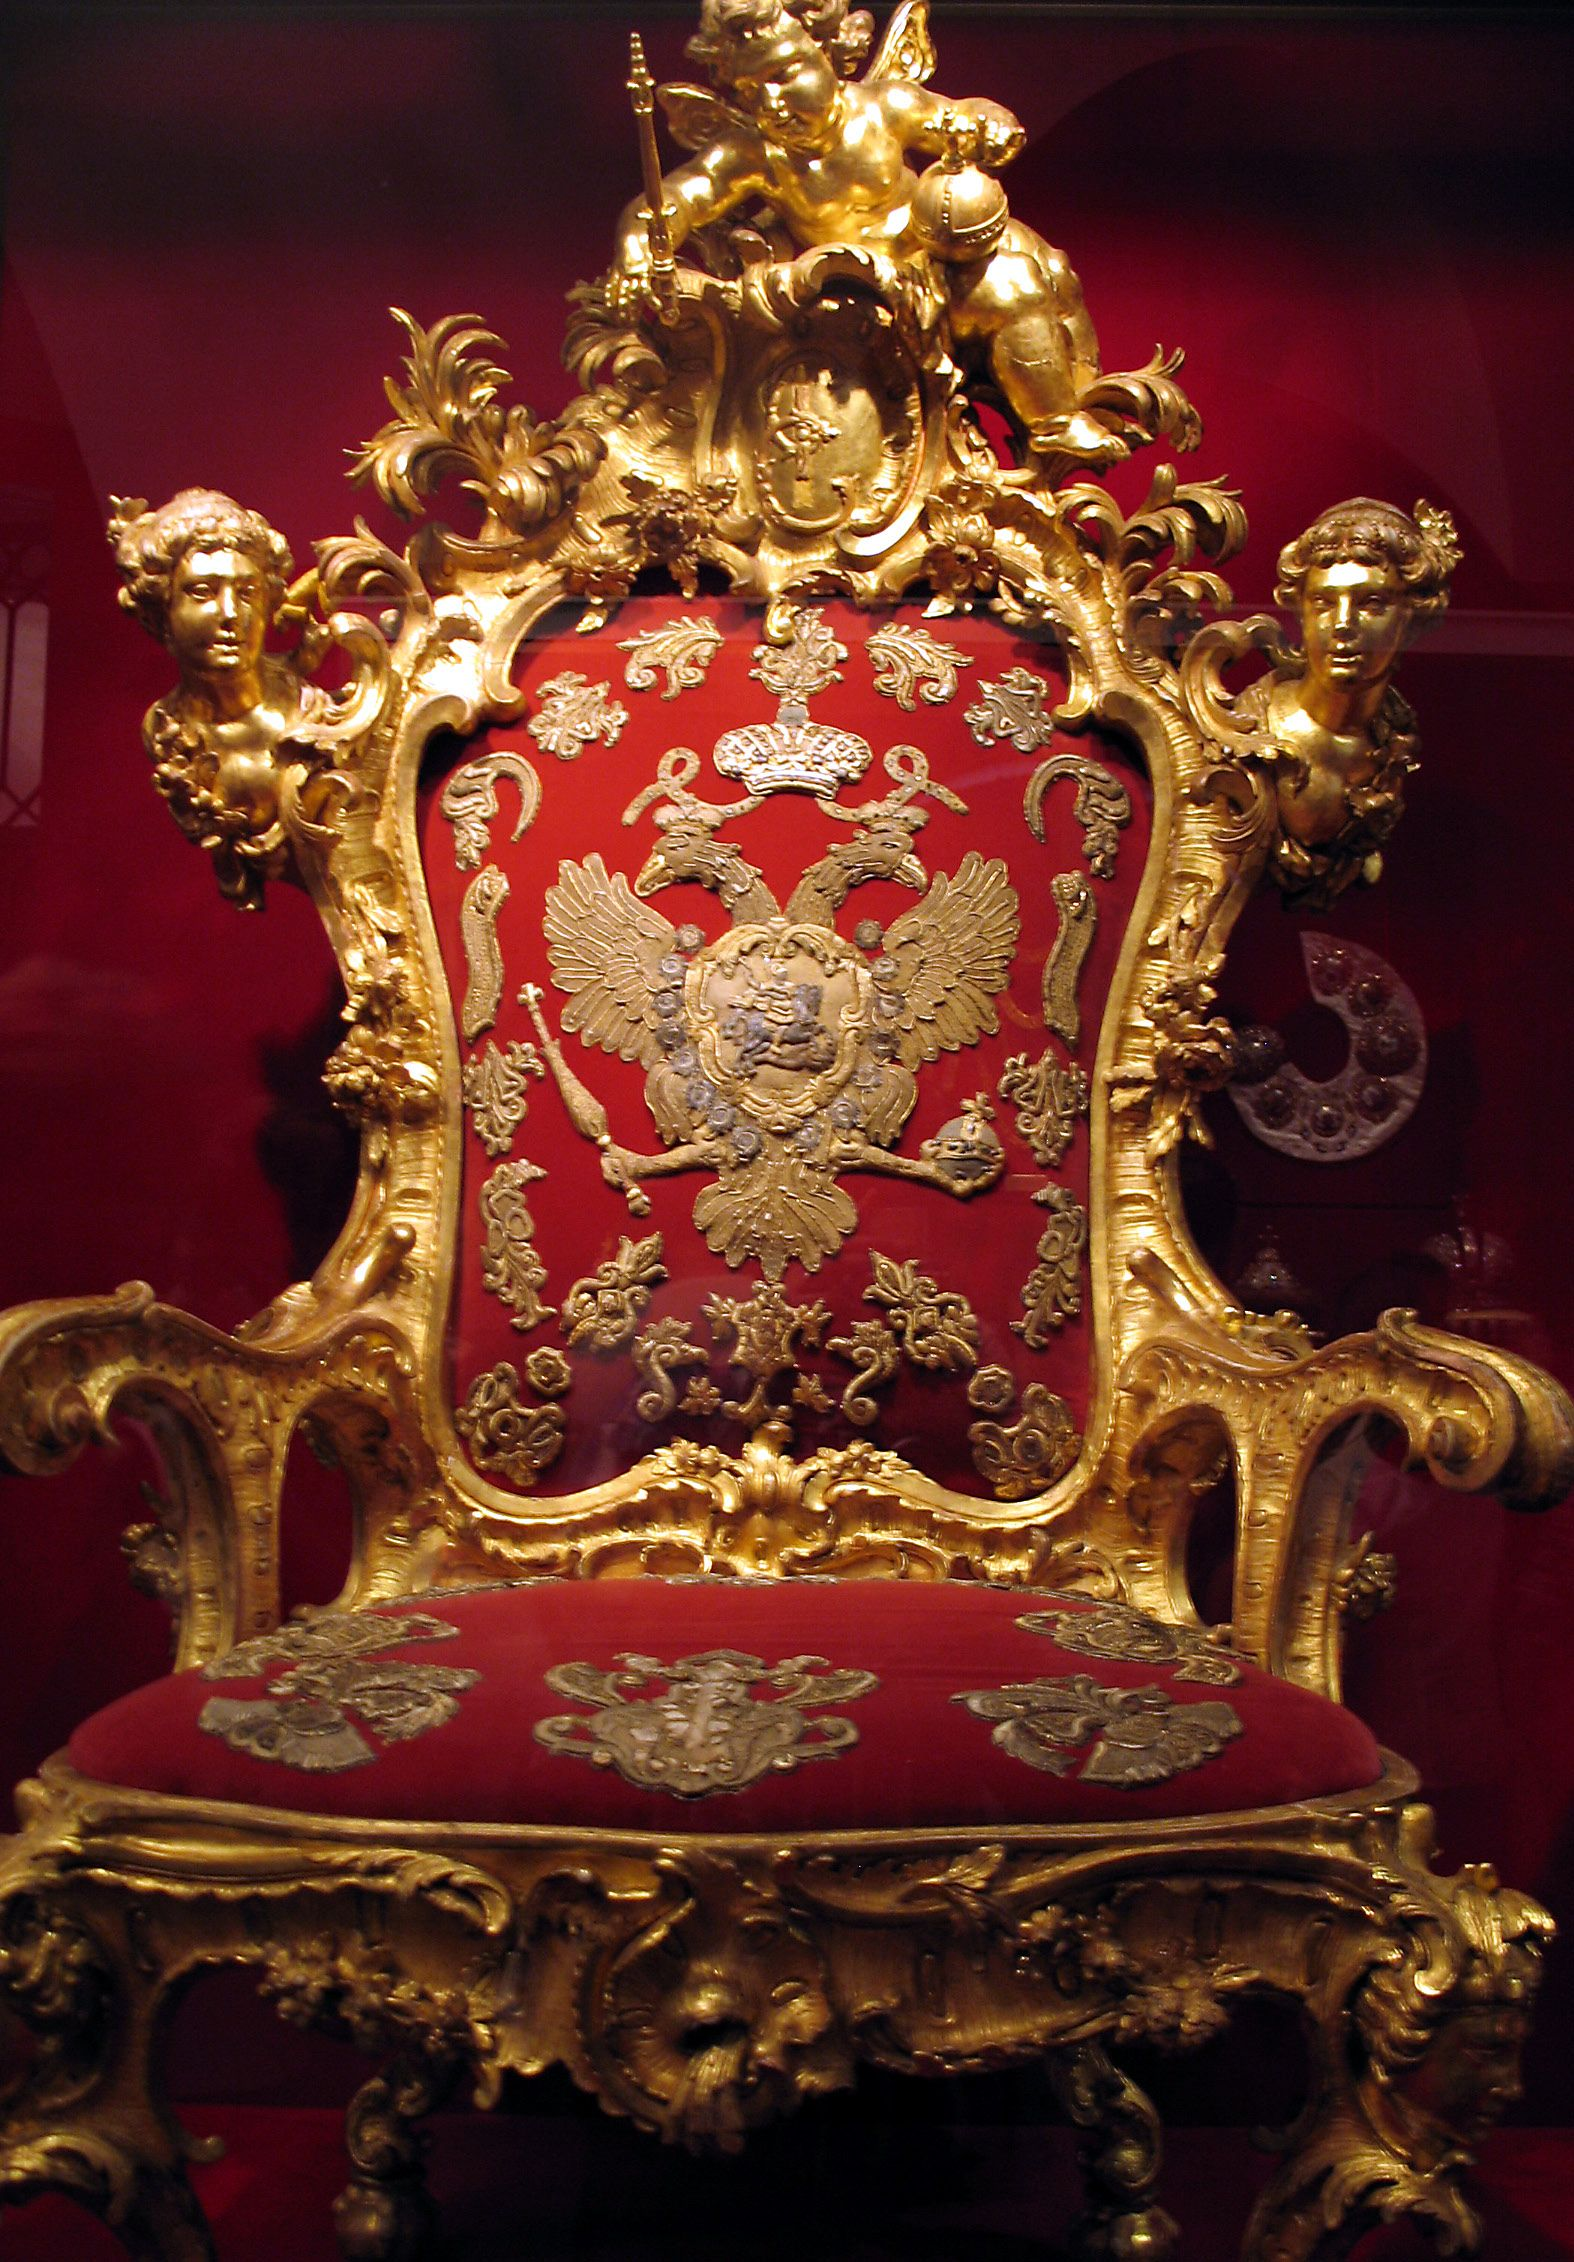 Black Velvet Throne Chair Glides For Hardwood Floors Imperial Russian Romanov Romanovs